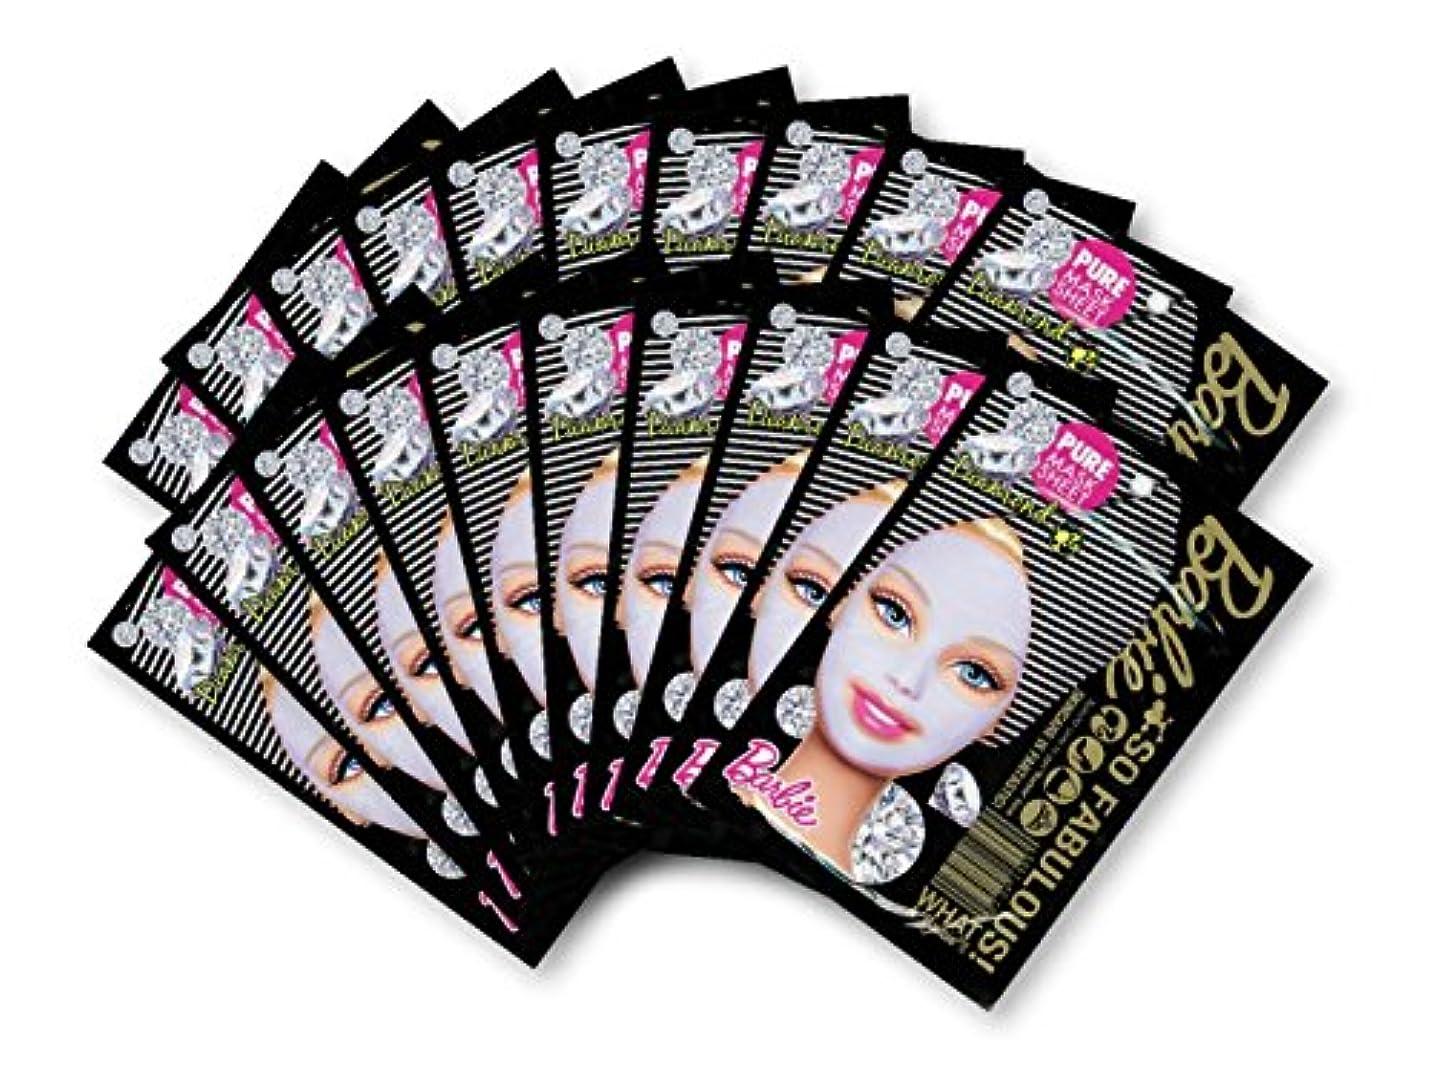 閲覧する役員セージバービー (Barbie) フェイスマスク ピュアマスクシートN (ダイアモンド) 25ml×20枚入り [保湿] 顔 シートマスク フェイスパック